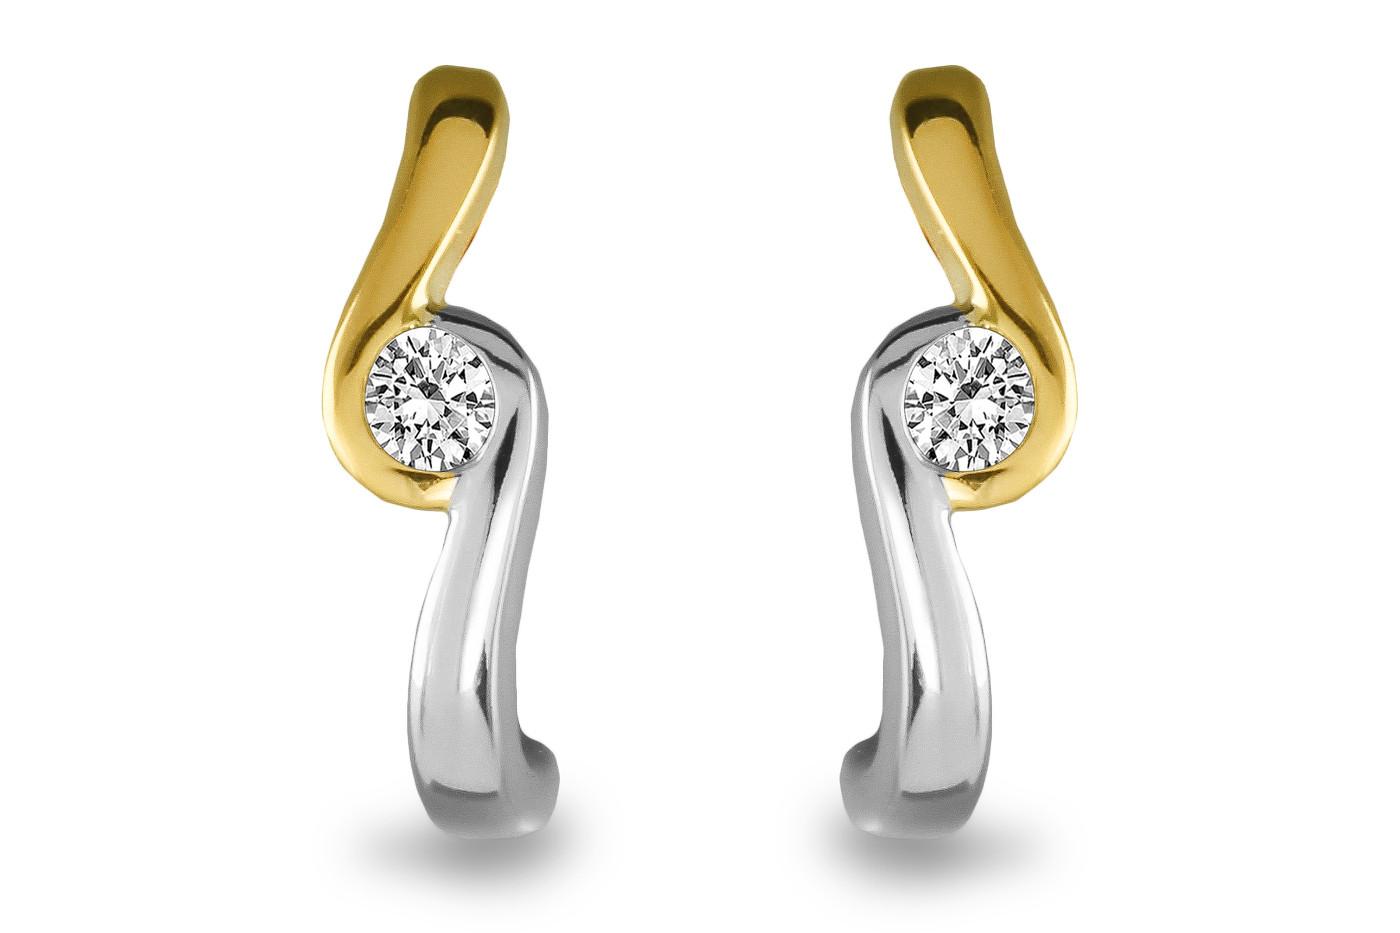 Gouden bicolor oorknoppen 0,26crt SOL-M930-010-G2